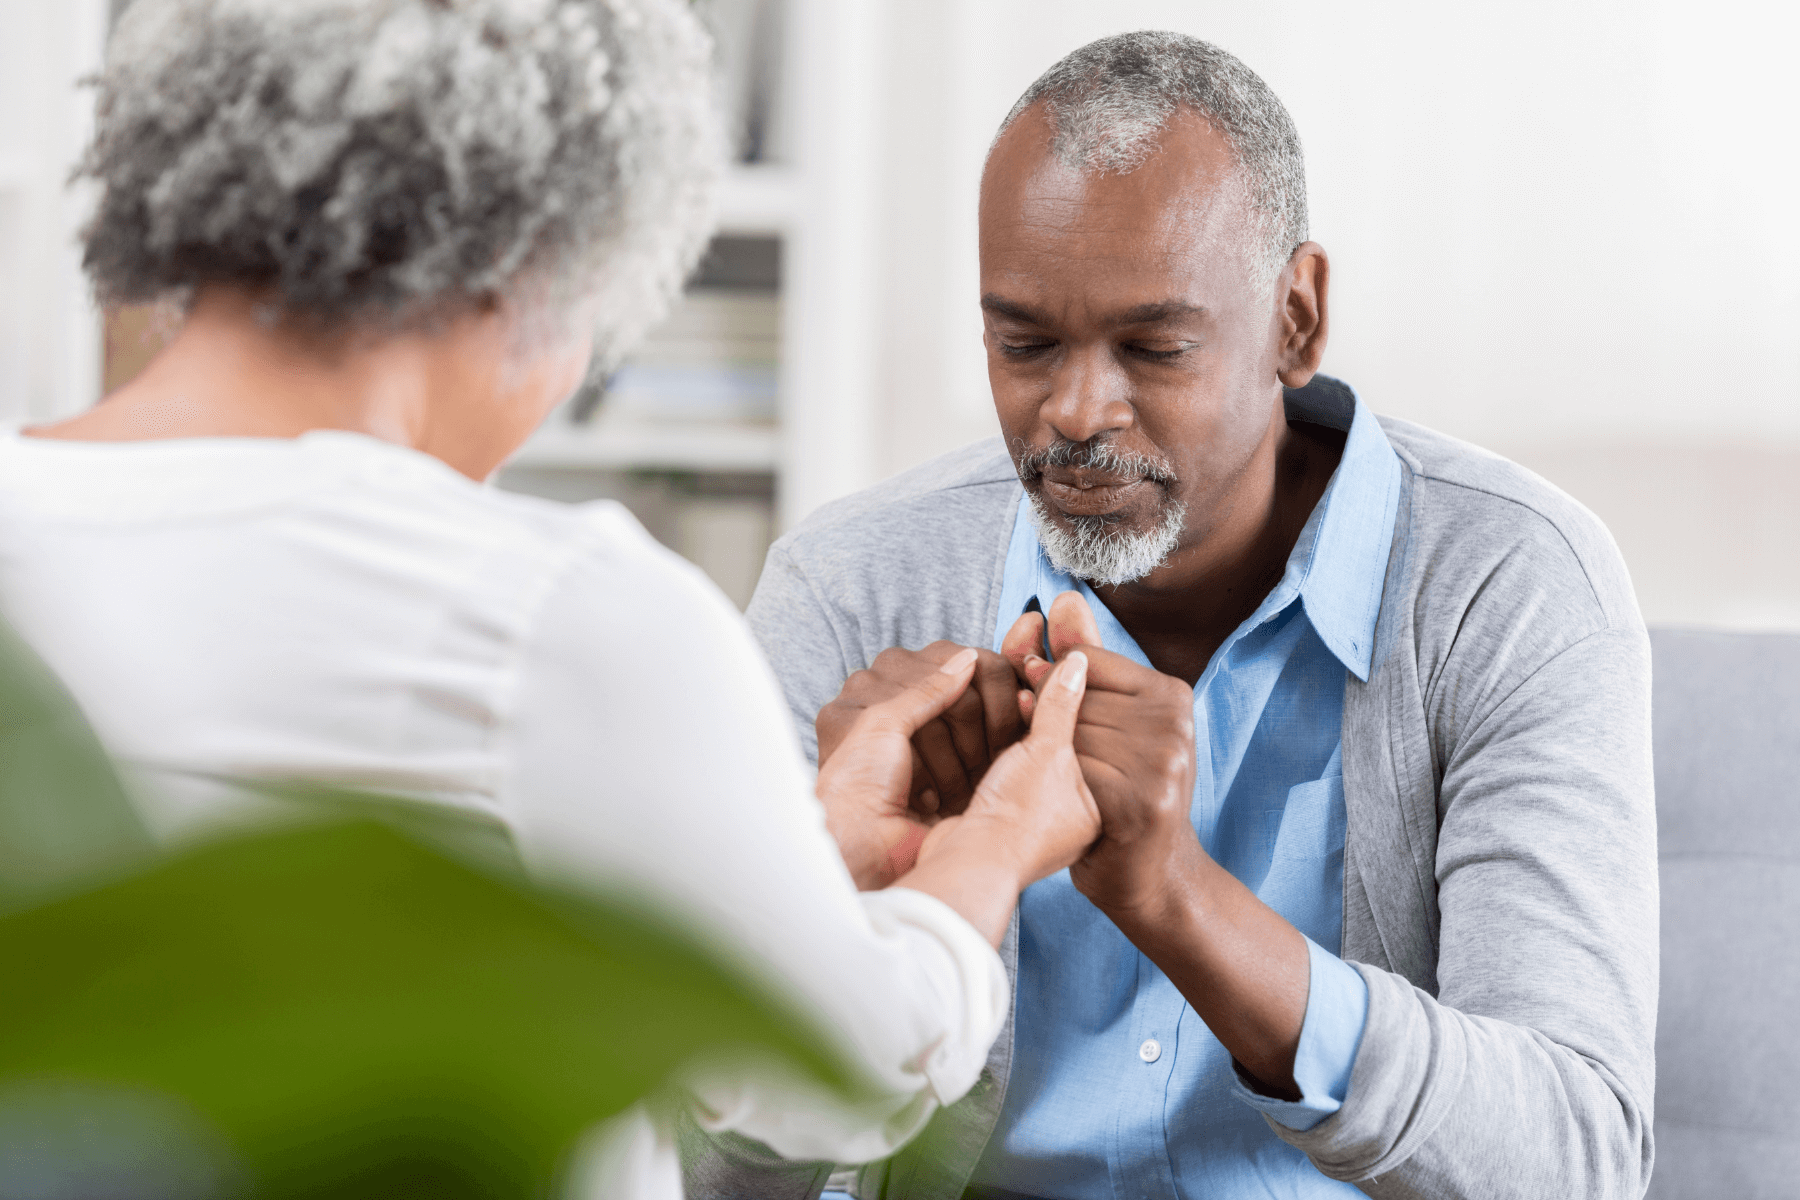 Refinding Your Faith as a Senior